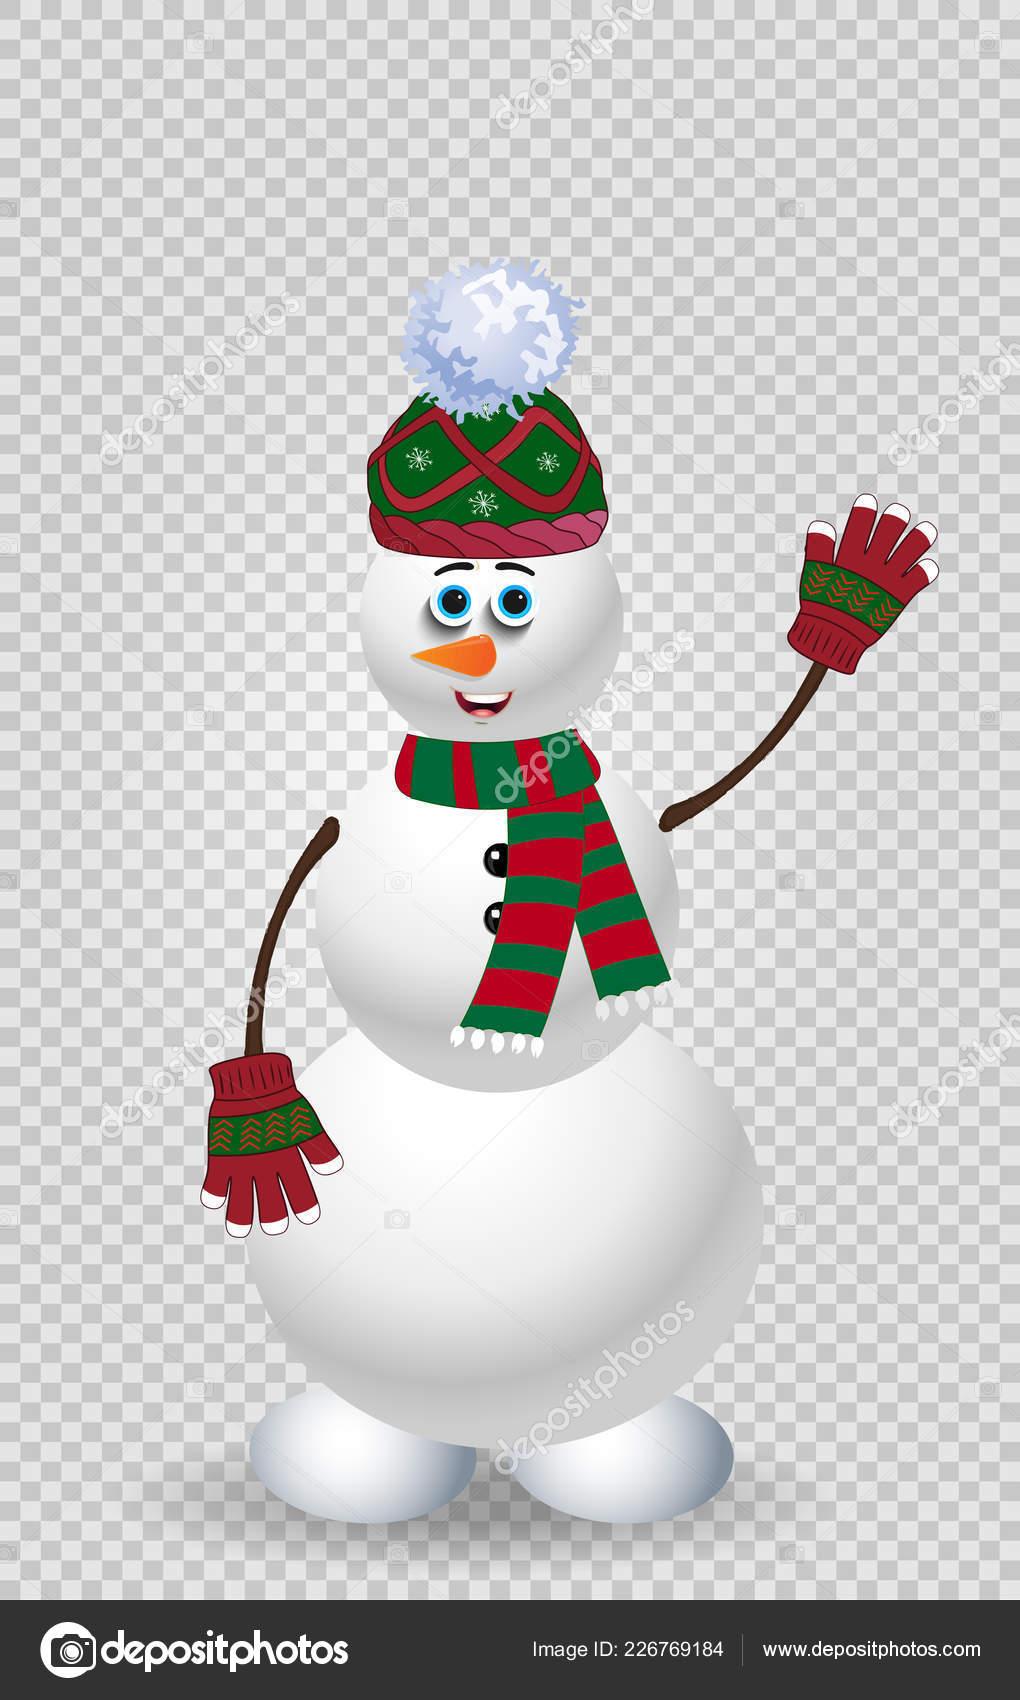 Niedlichen Schneemann Zeichentrickfigur Grün Stricken Mütze Schal